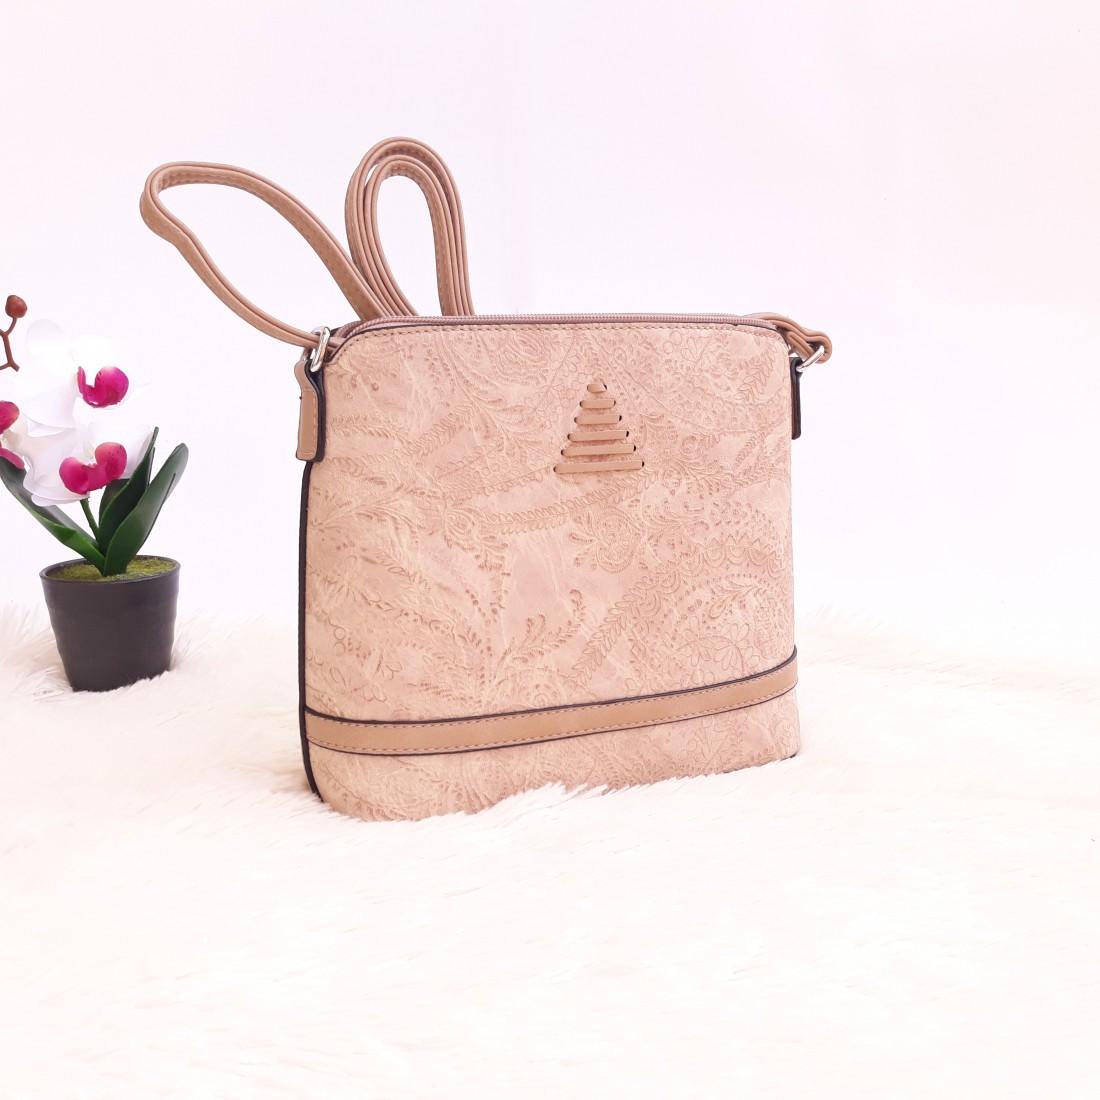 Дамска чанта през рамо - код 2912 - светло кафява